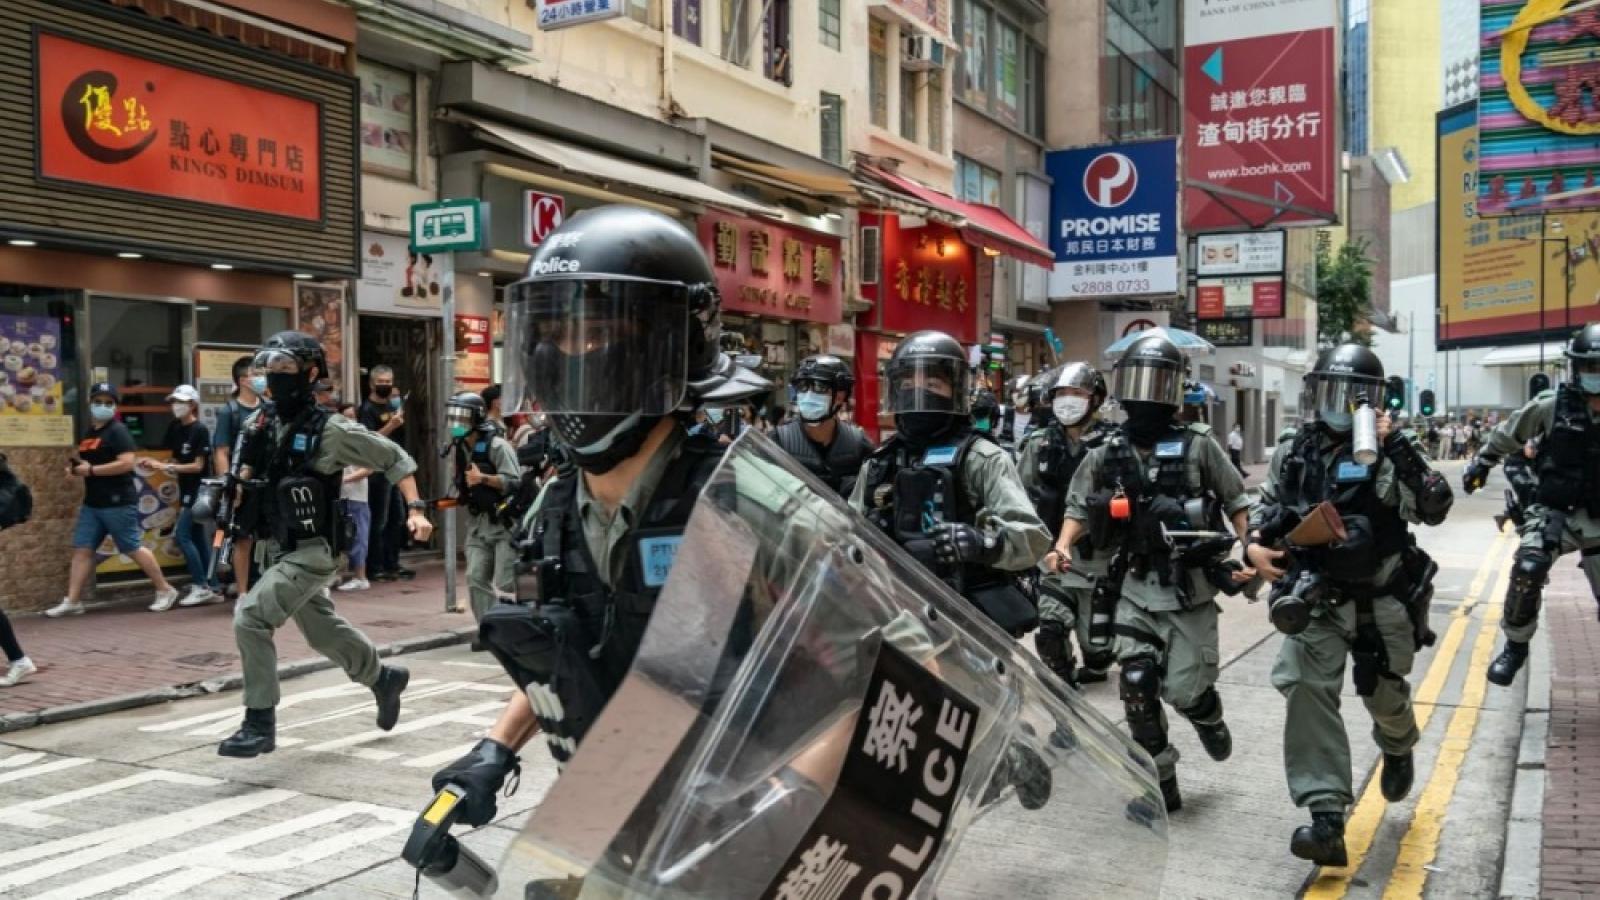 Quan hệ ngoại giao Trung Quốc - EU căng thẳng vì vấn đề Hong Kong